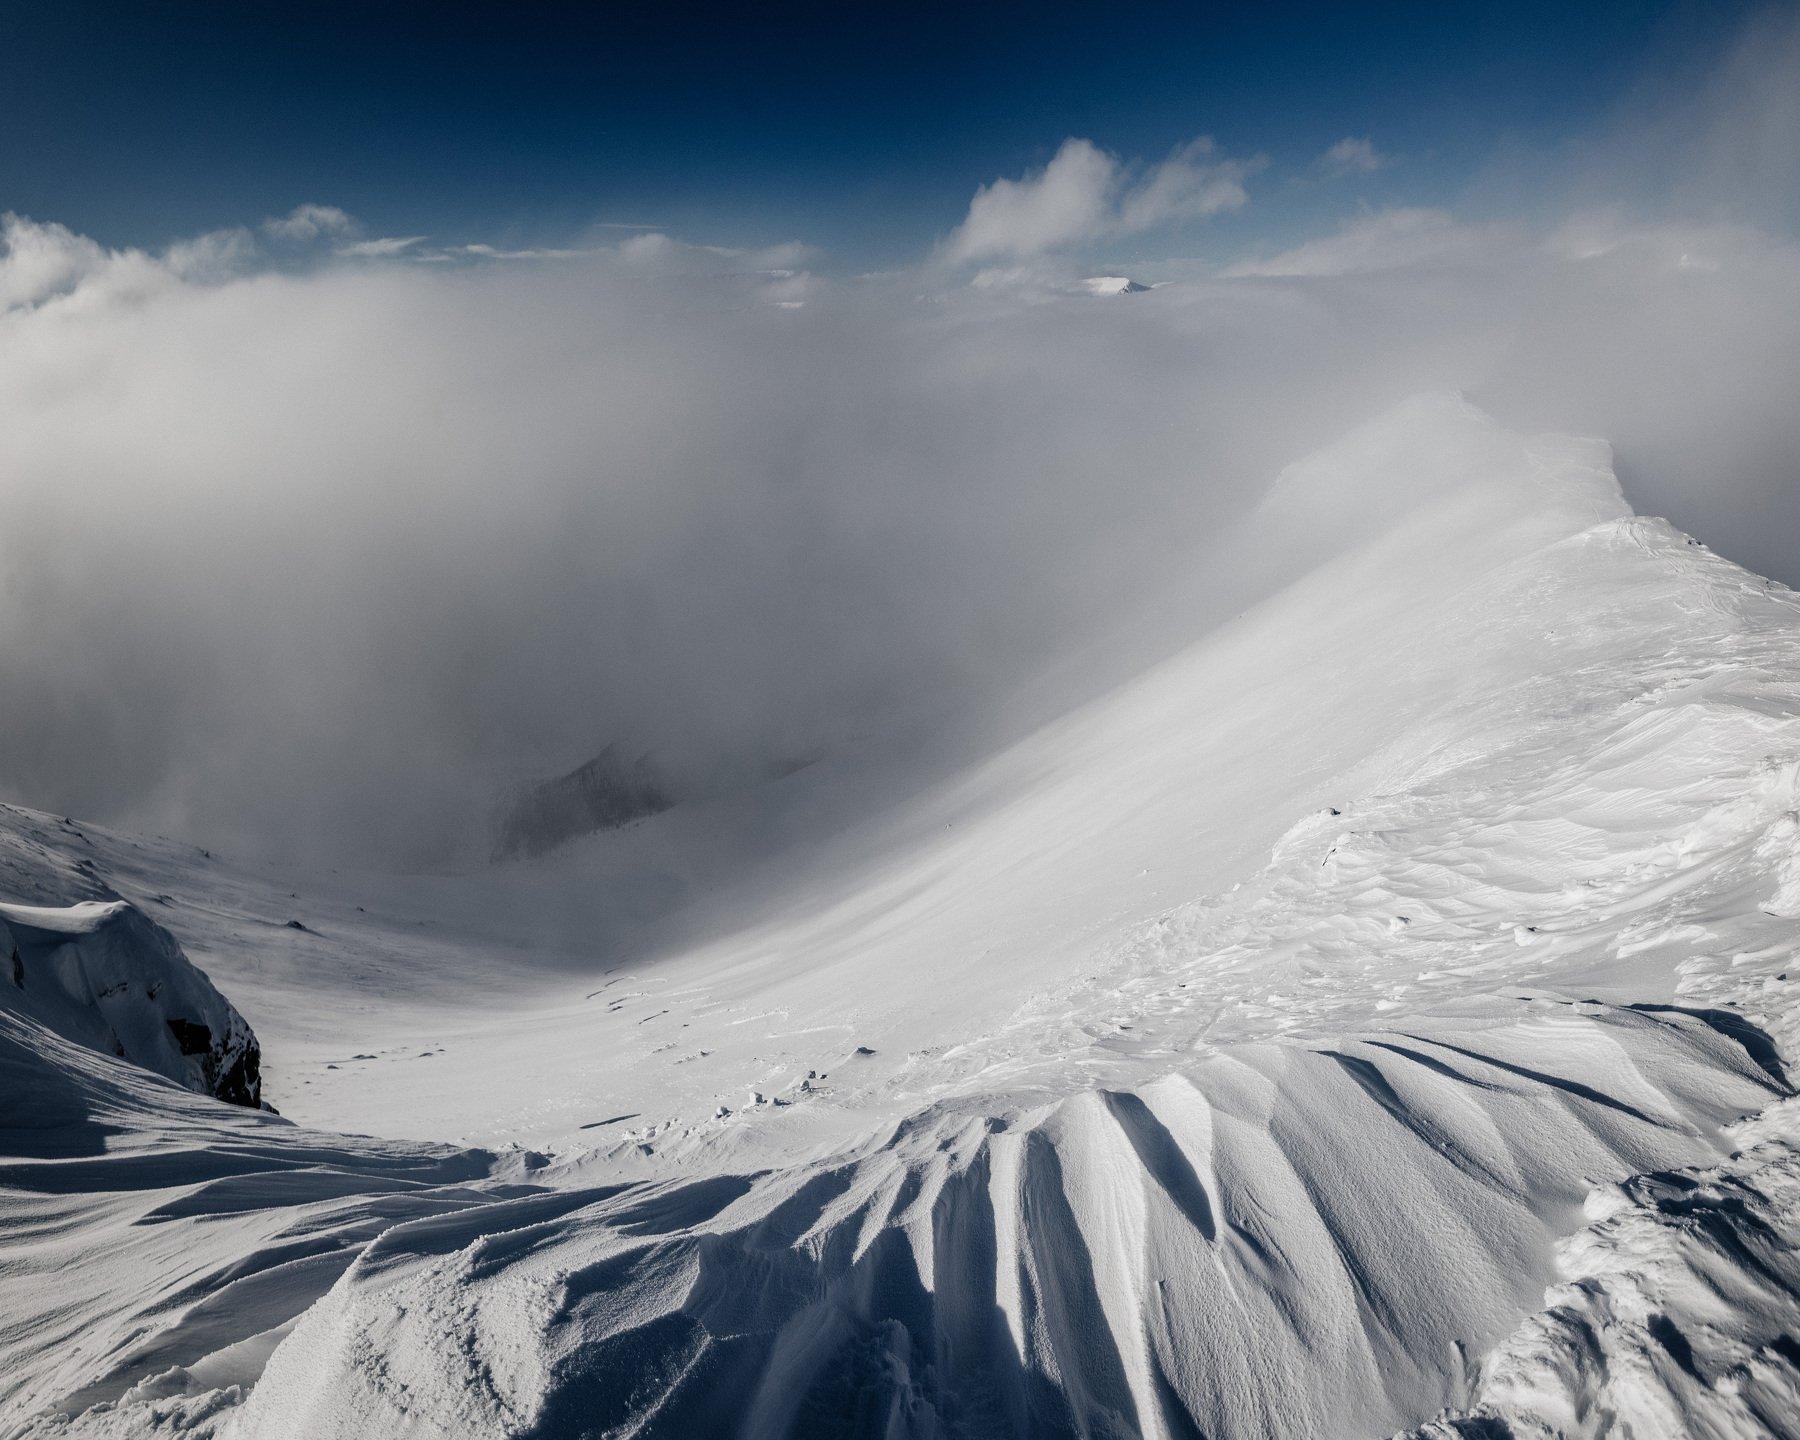 гора, снег, горы, вершина, небо, снег, облака, россия, хибины, кировск, туризм, путешествие, лыжи, Иван Клейн